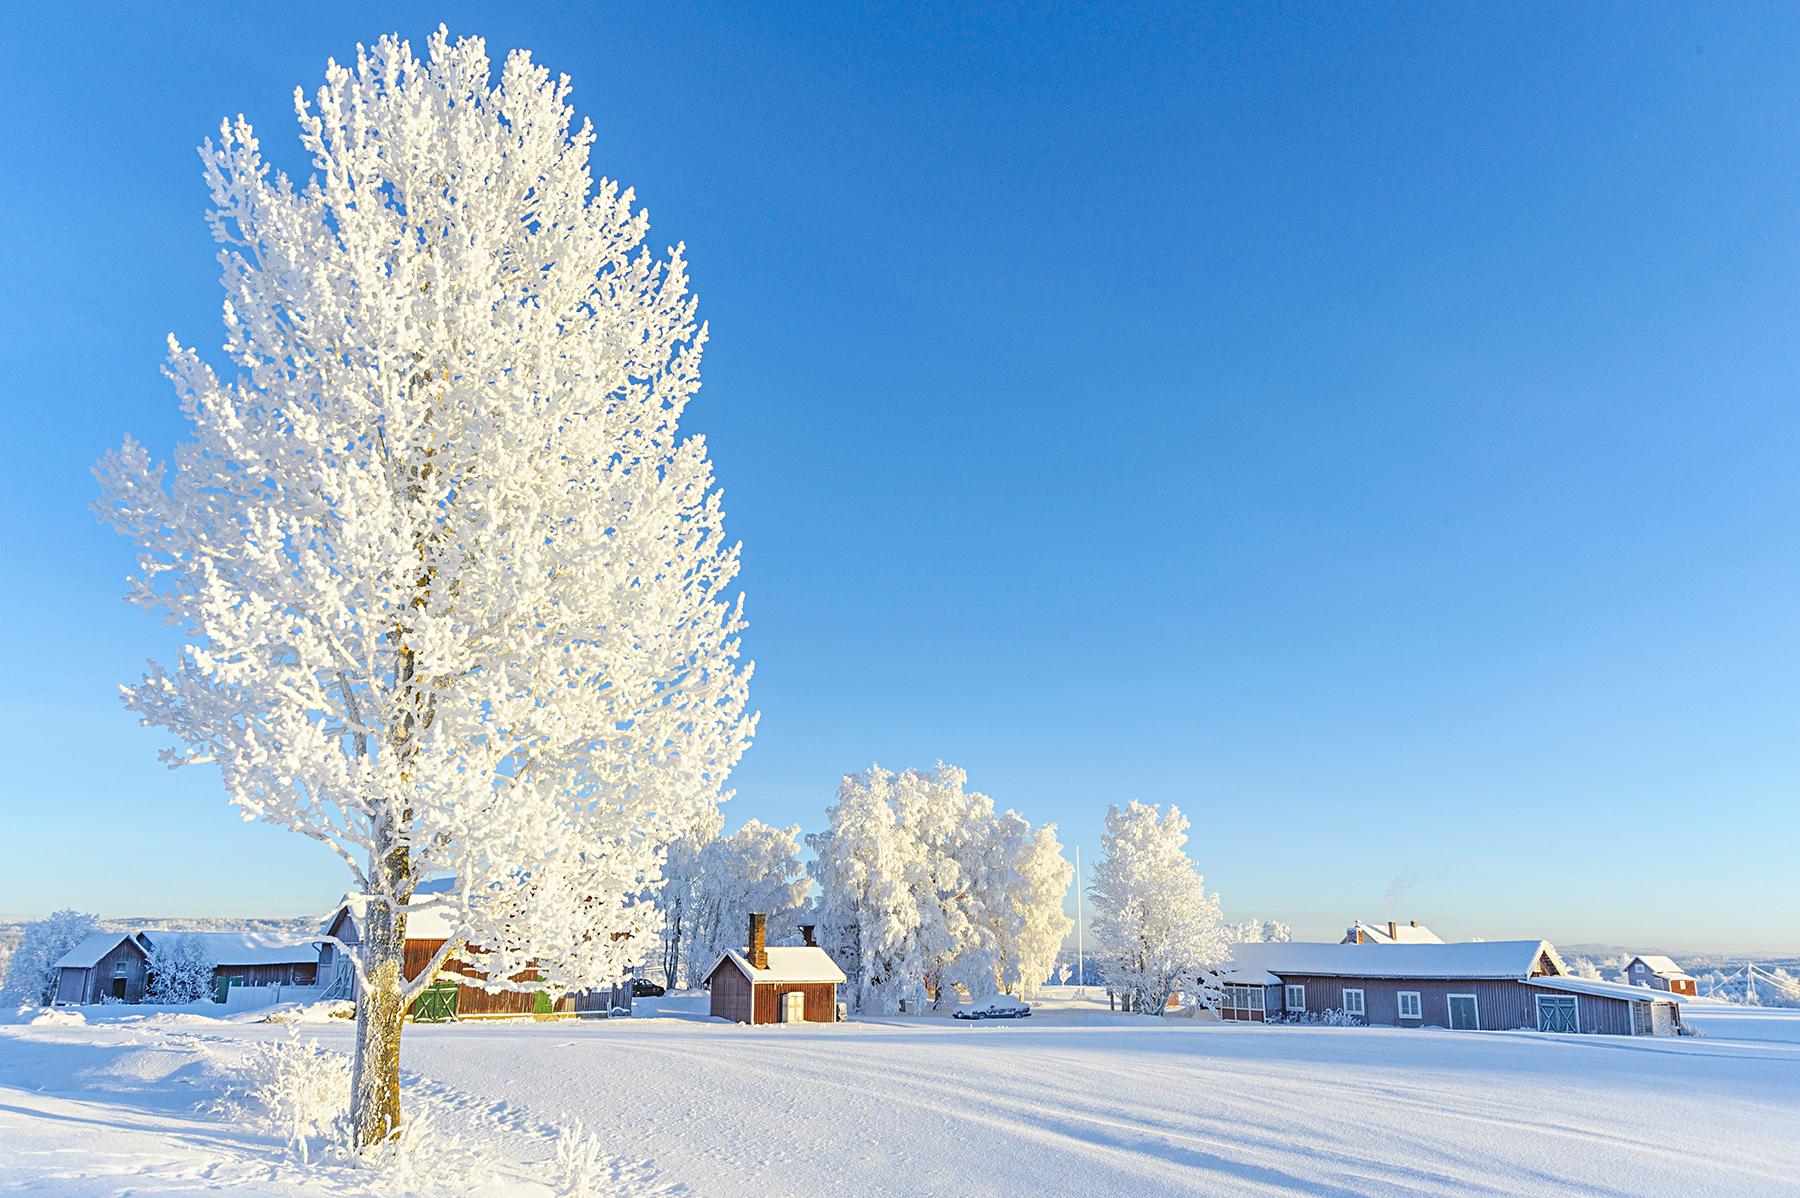 Vålbacken in Jämtland